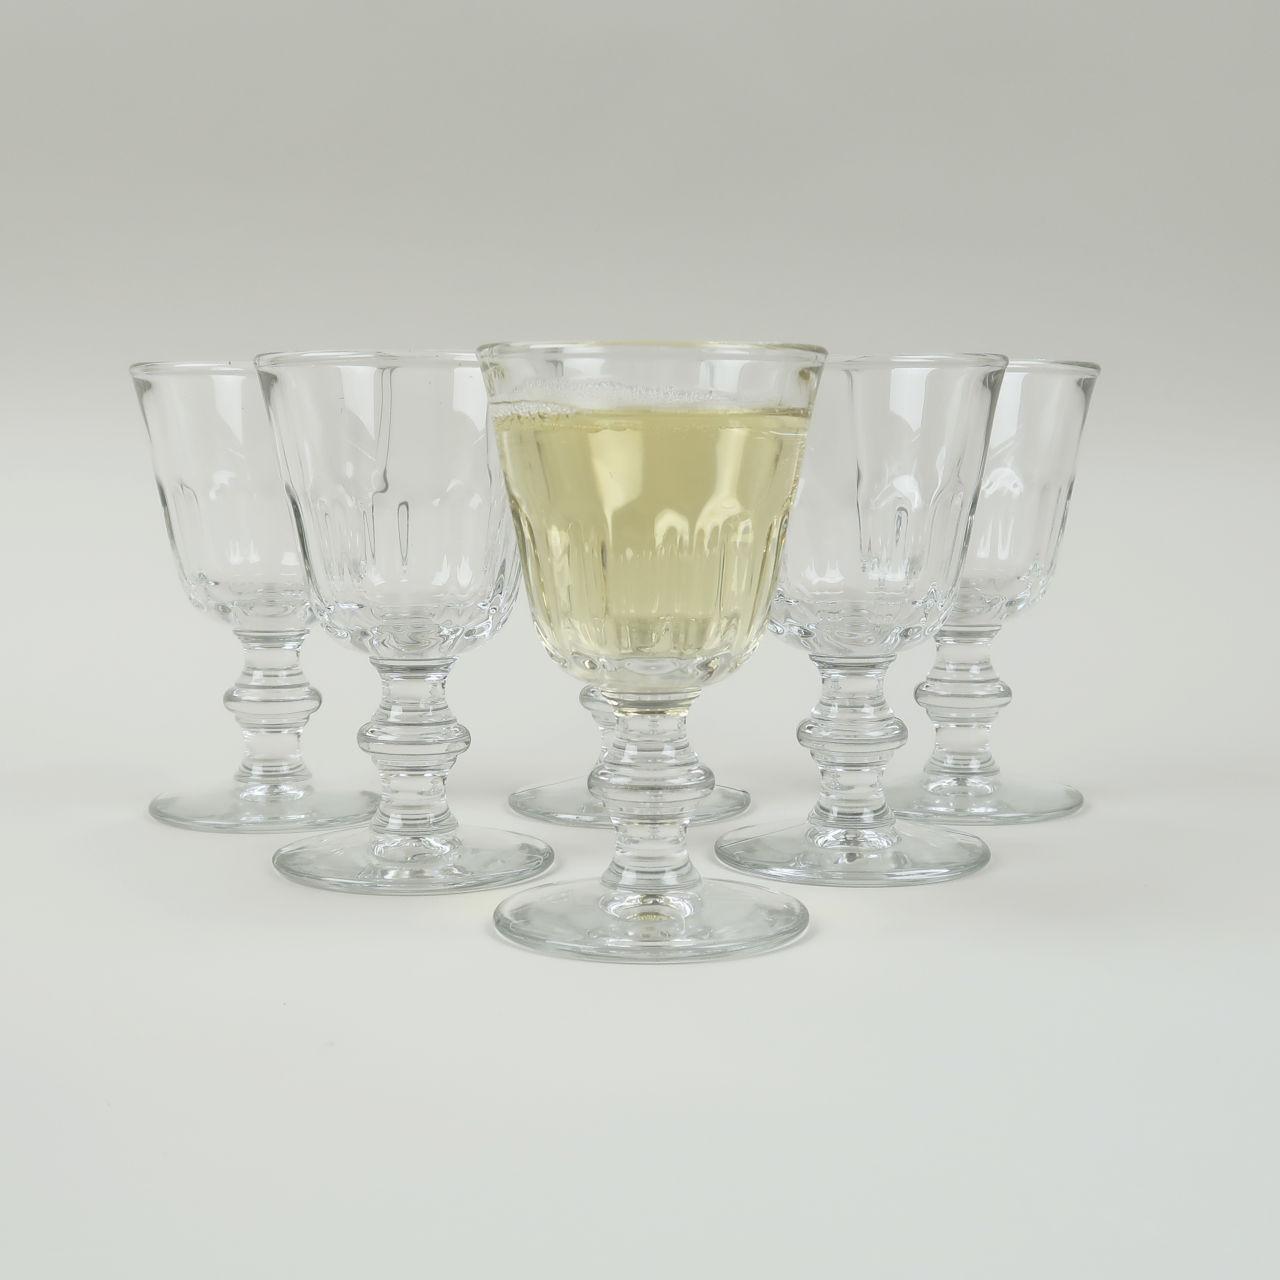 Perigord Wine Glass - Box of 6